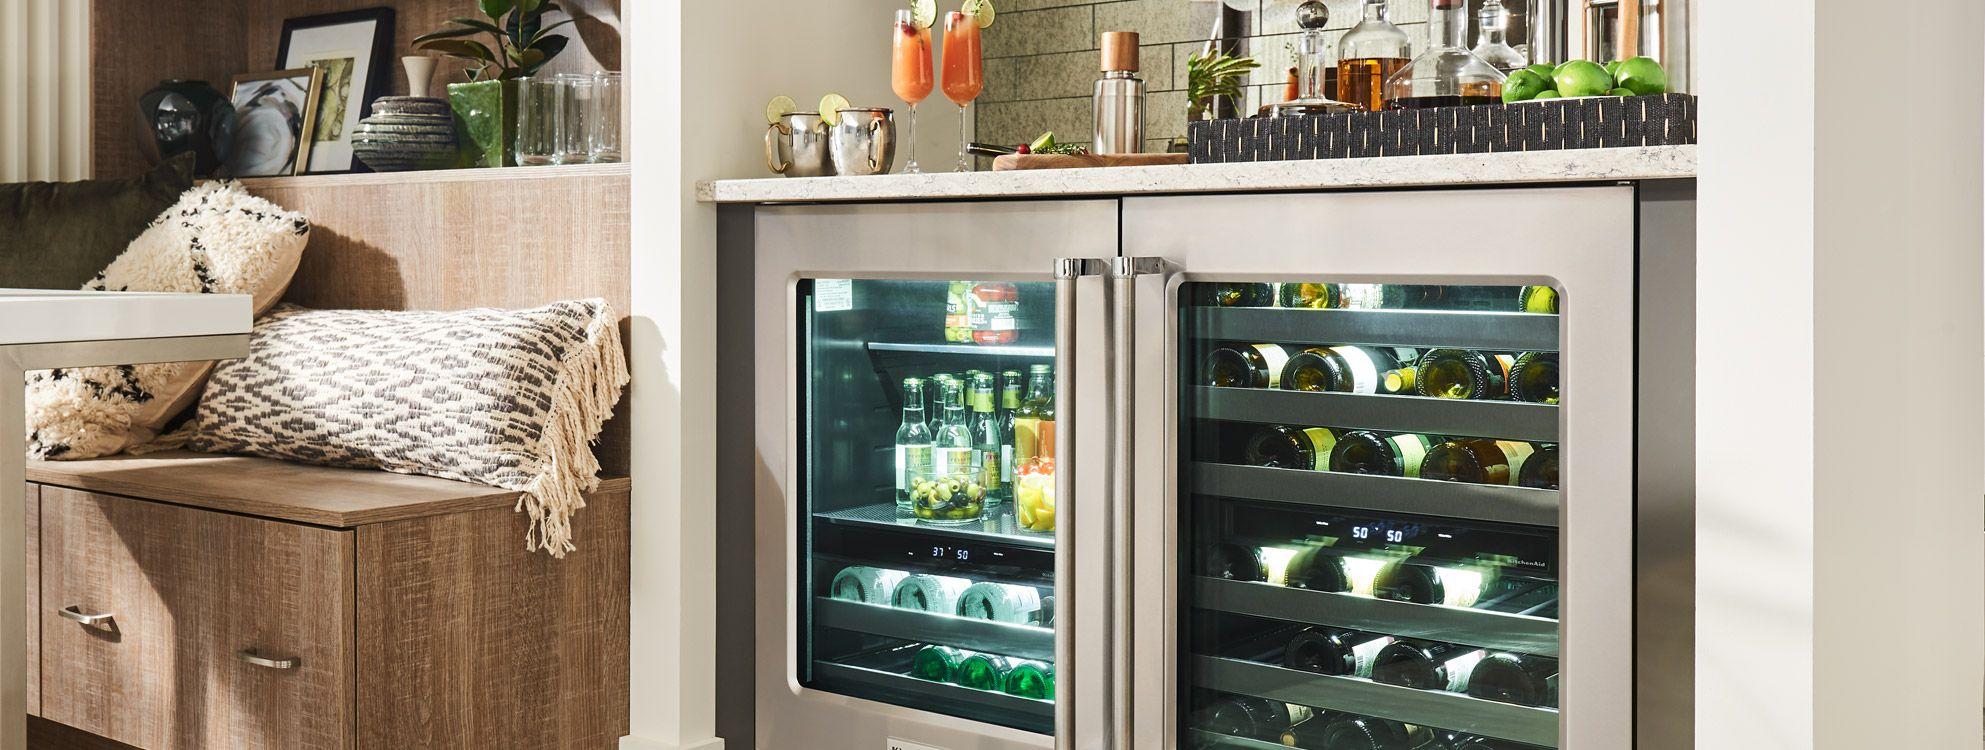 Grand réfrigérateur sous le comptoir rempli de bouteilles de vin, de boissons et d'un bol d'olives. Sur le dessus du comptoir se trouvent des citrons et autres contenants de liqueur